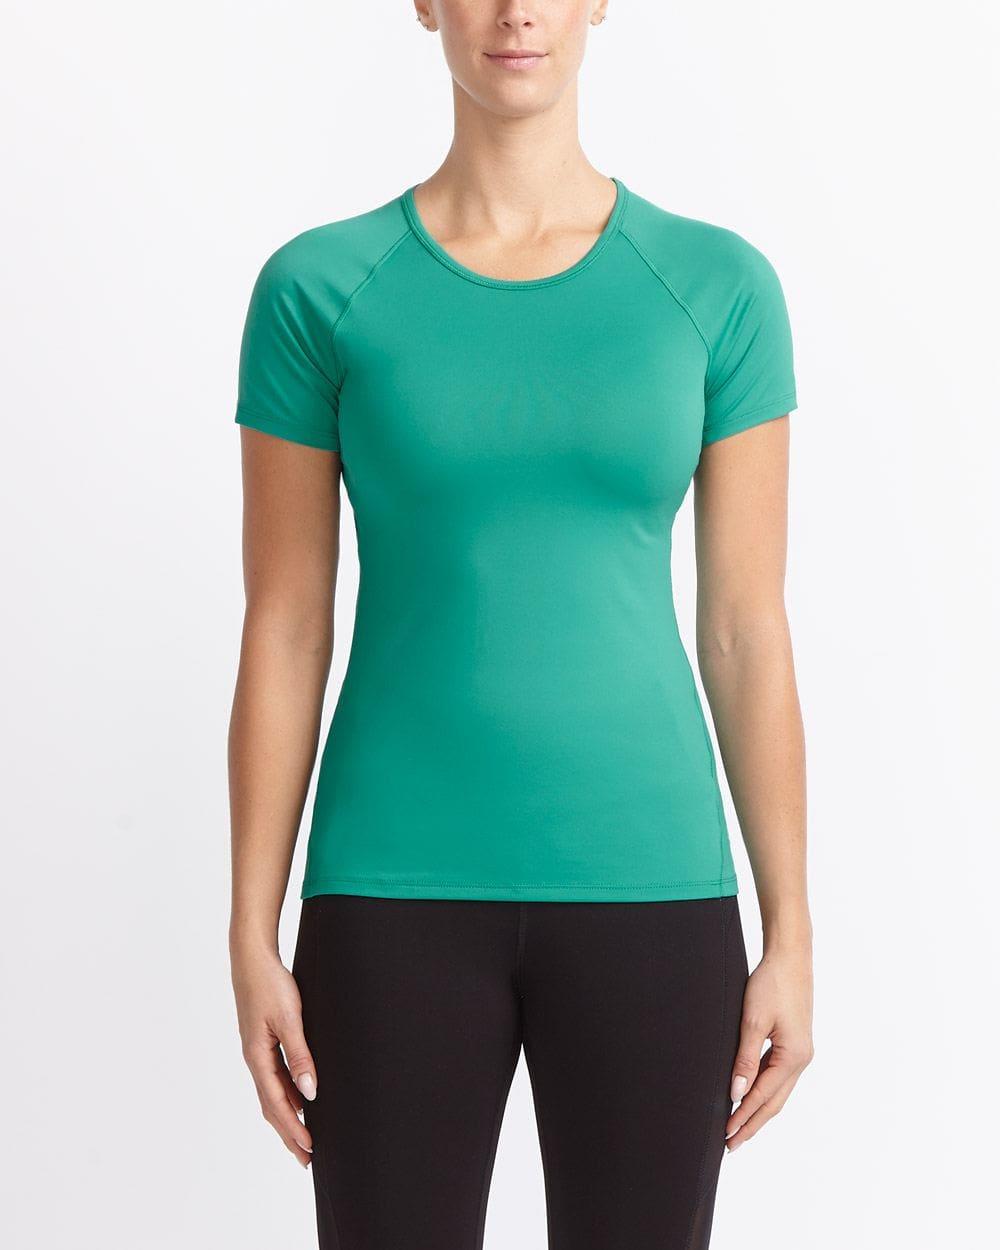 Hyba UPF 25 T-Shirt